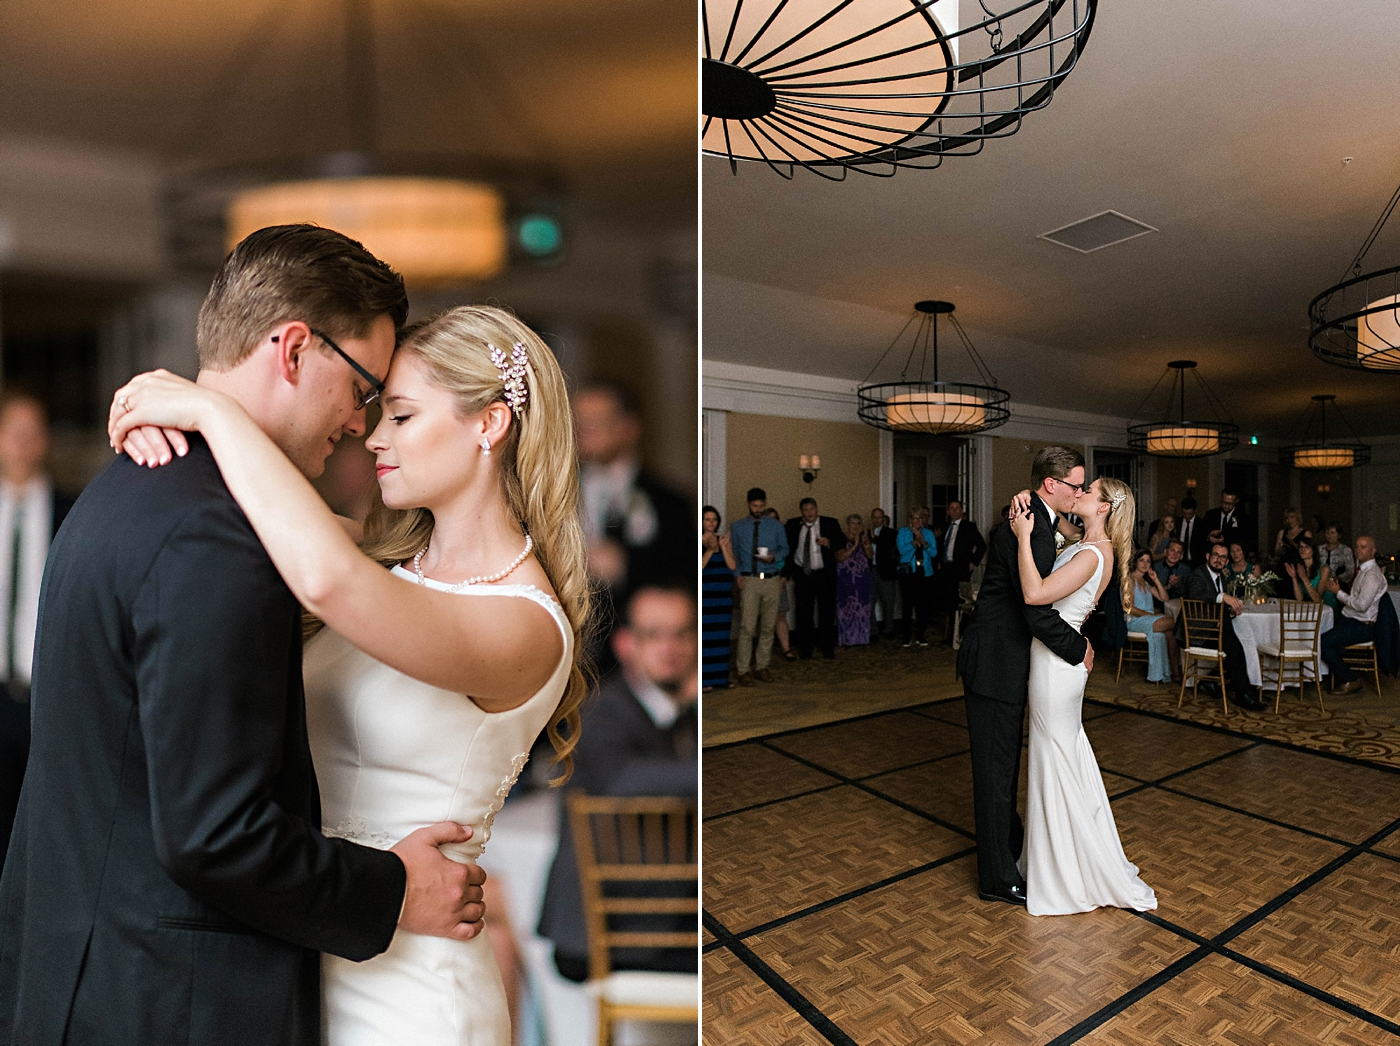 Halifax-Wedding-Photographer-New Brunswick Wedding- Nicolle & Ethan50.jpeg